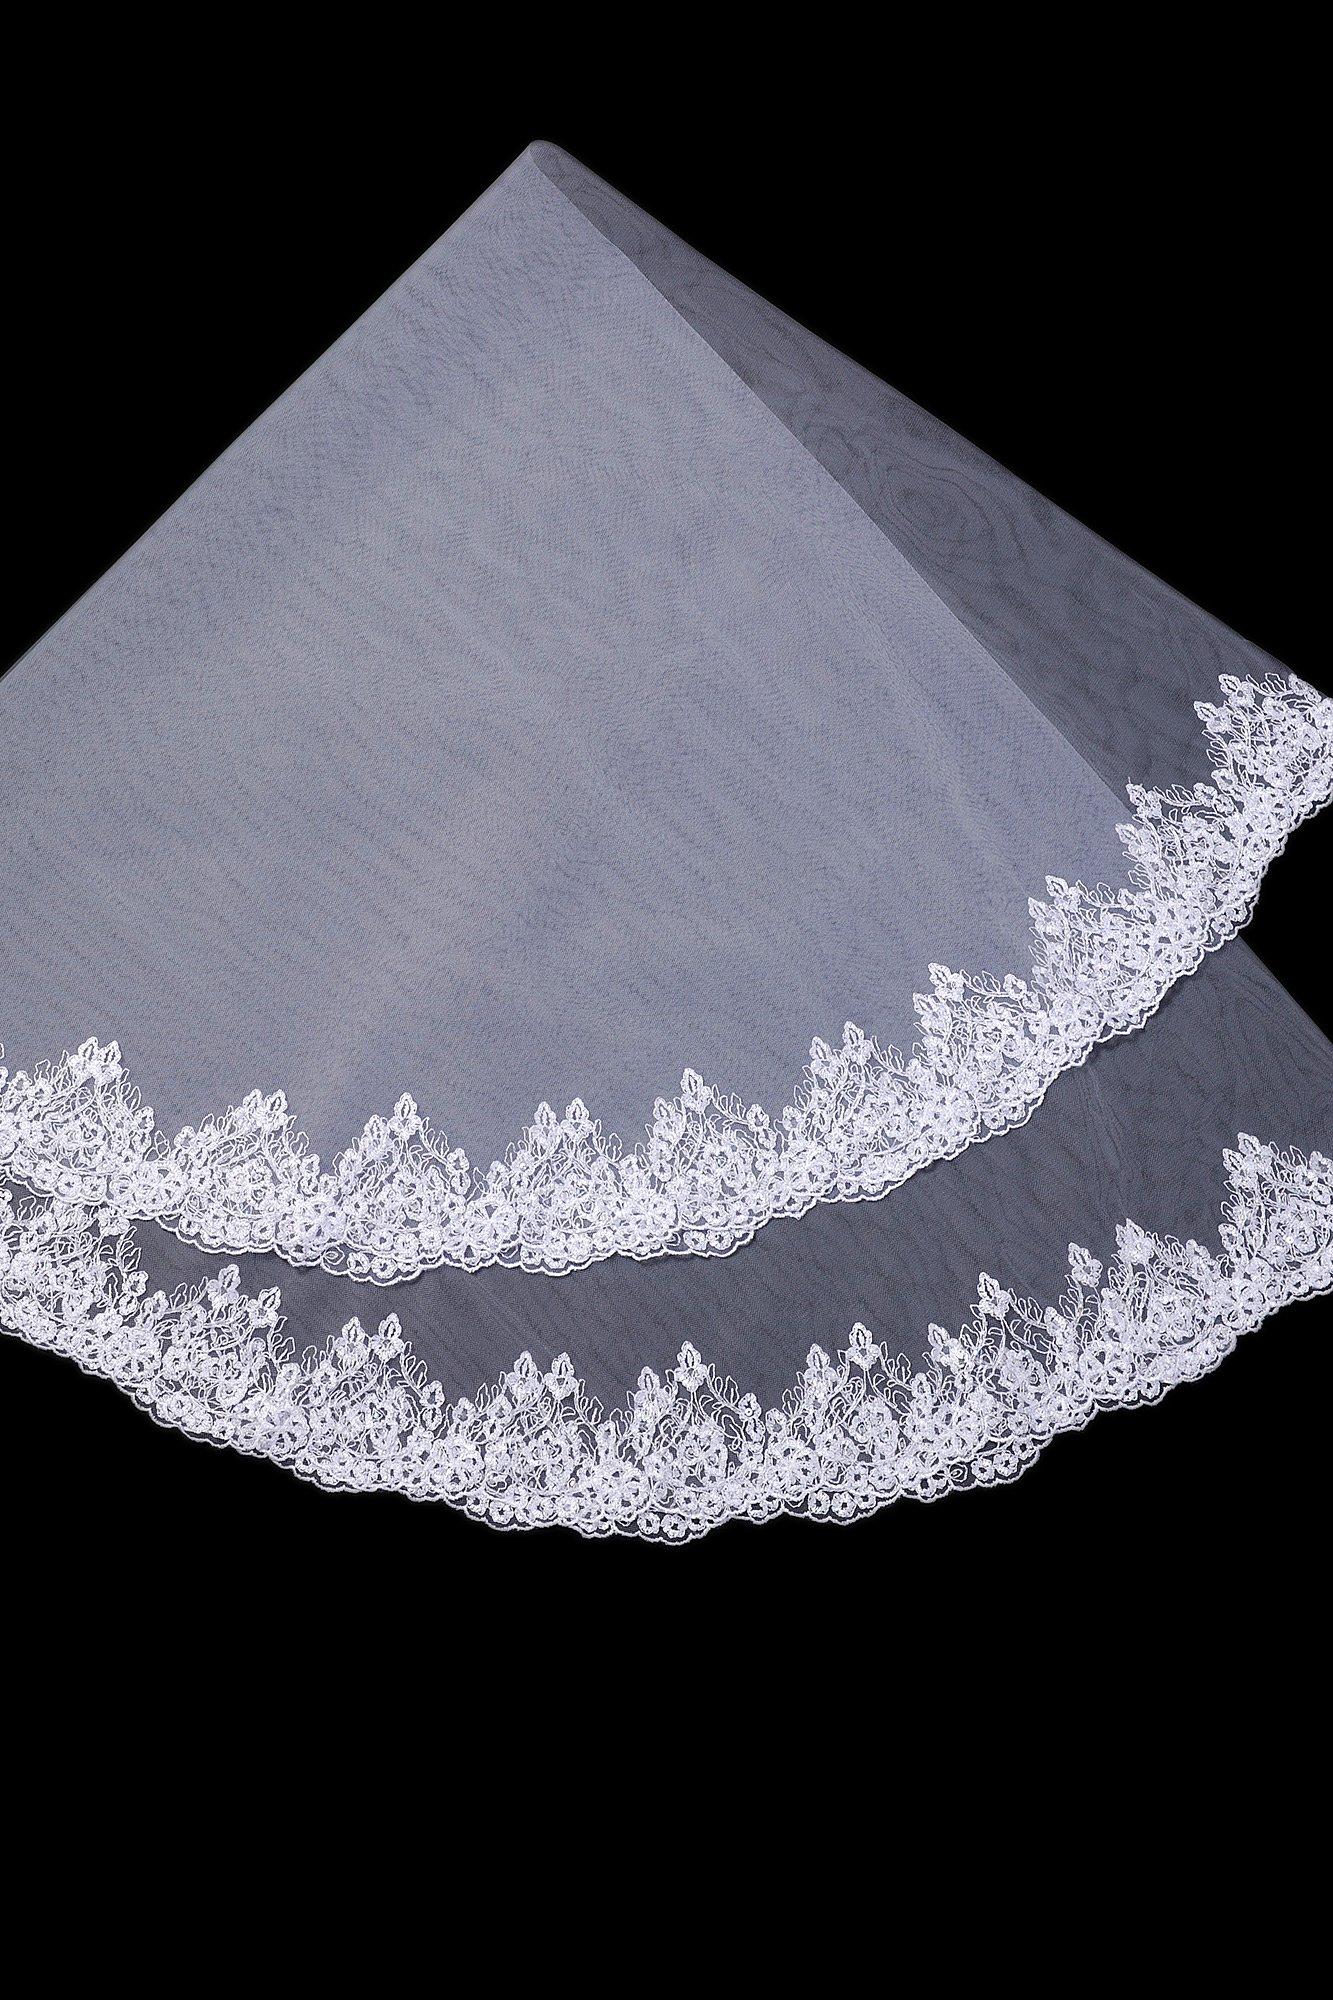 Лаконичная полупрозрачная фата, покрытая по краю плотной полосой кружева.